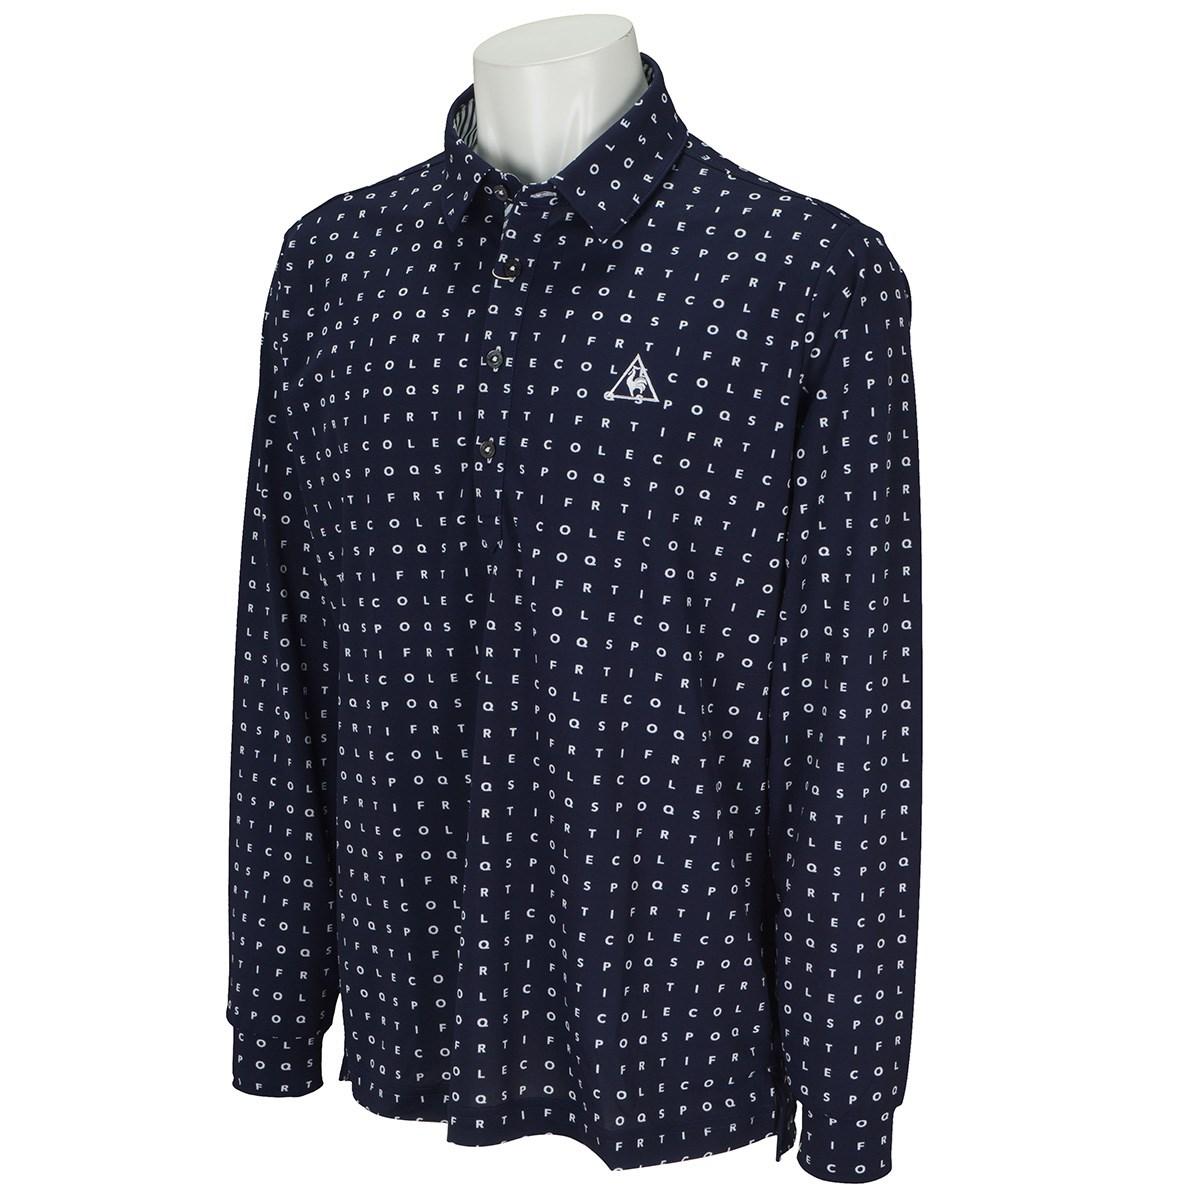 ルコックゴルフ Le coq sportif GOLF ミニタイポプリント長袖ポロシャツ L ネイビー 00